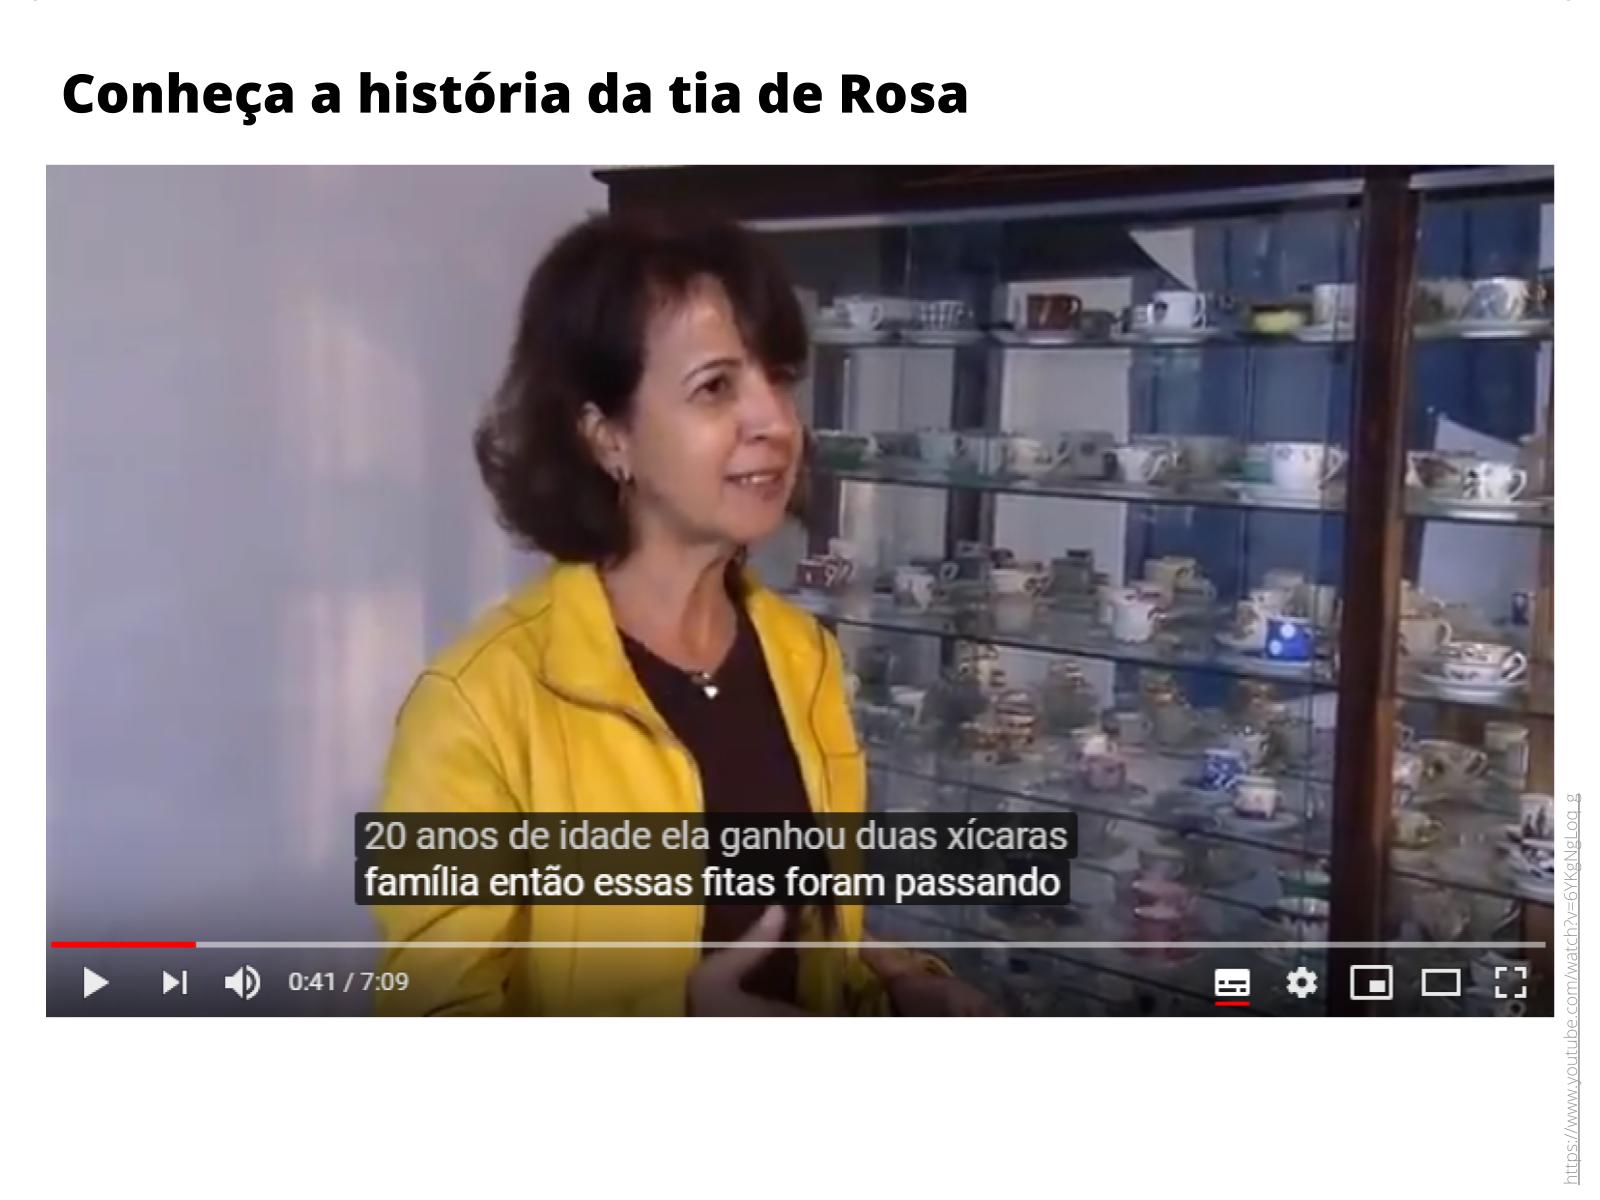 Histórias Reais: Relato oral como fonte de análise histórica